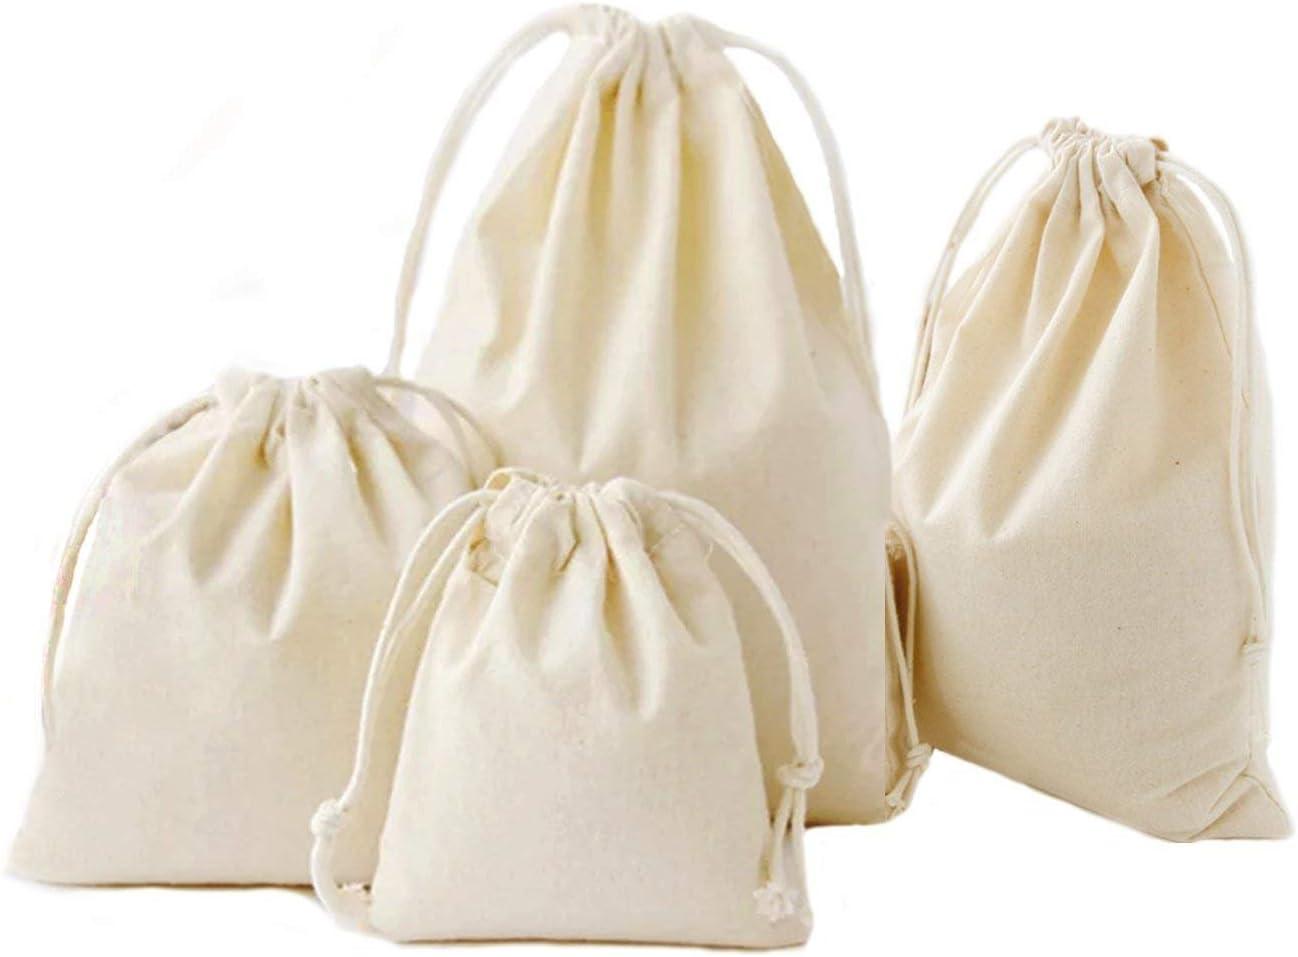 Abaría - 4 Unidades Bolsa de algodón con Cuerdas – Pequeña Saco Bolsas - Bolsa Inserto Organizador para bebé Ropa Juguete pañales - Bolsa de Regalo - 25x 30 cm, 19 x 23 cm, 14 X 16